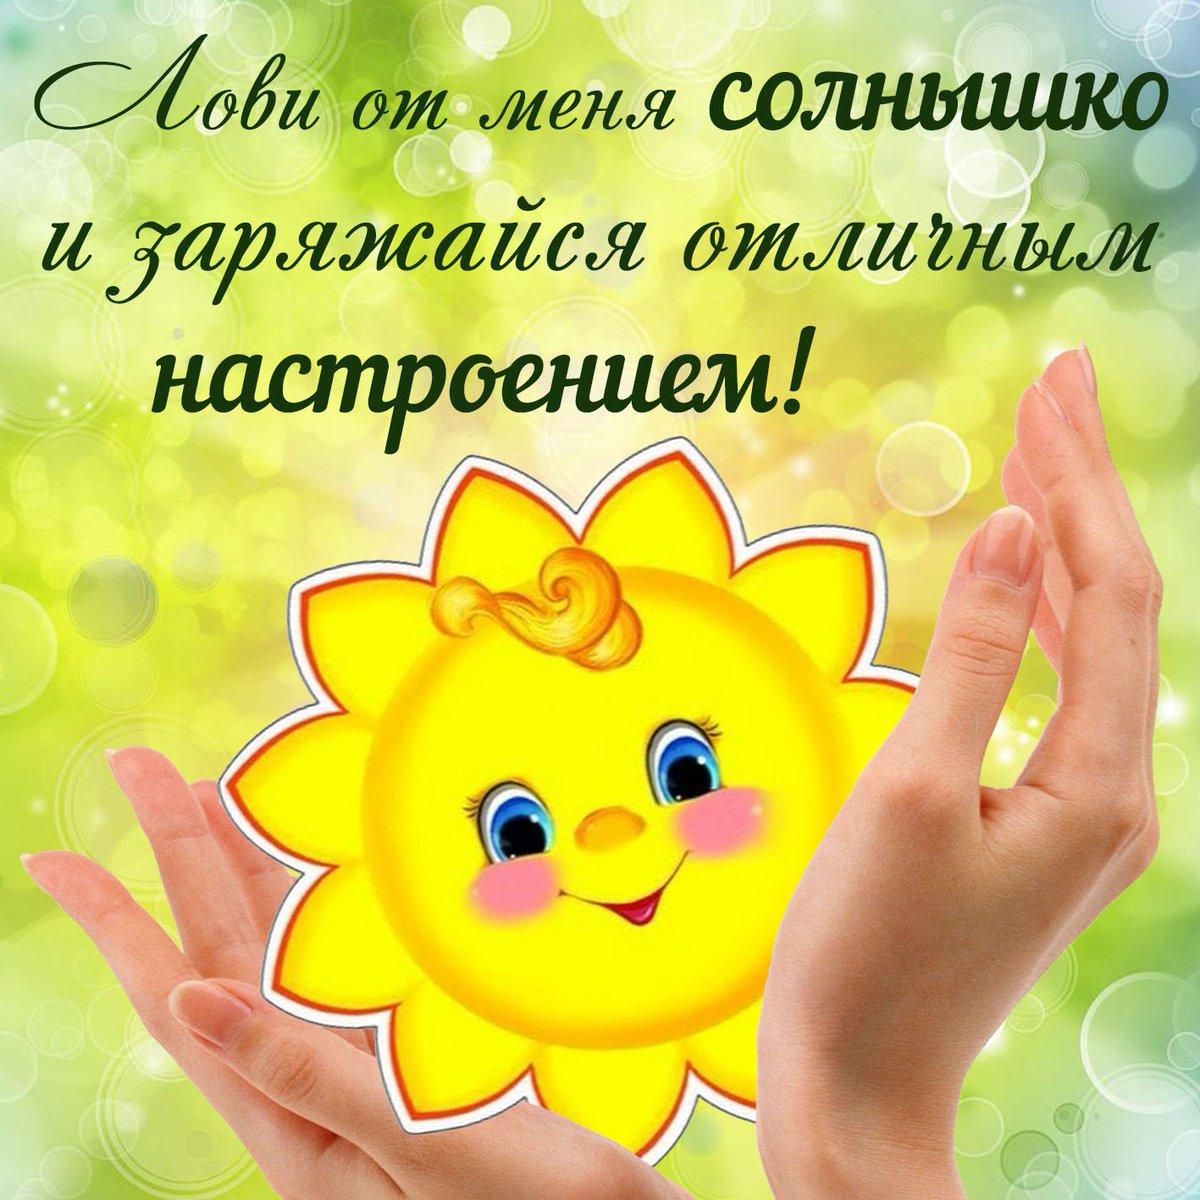 Открытки солнце ты наше, фотографии надписью